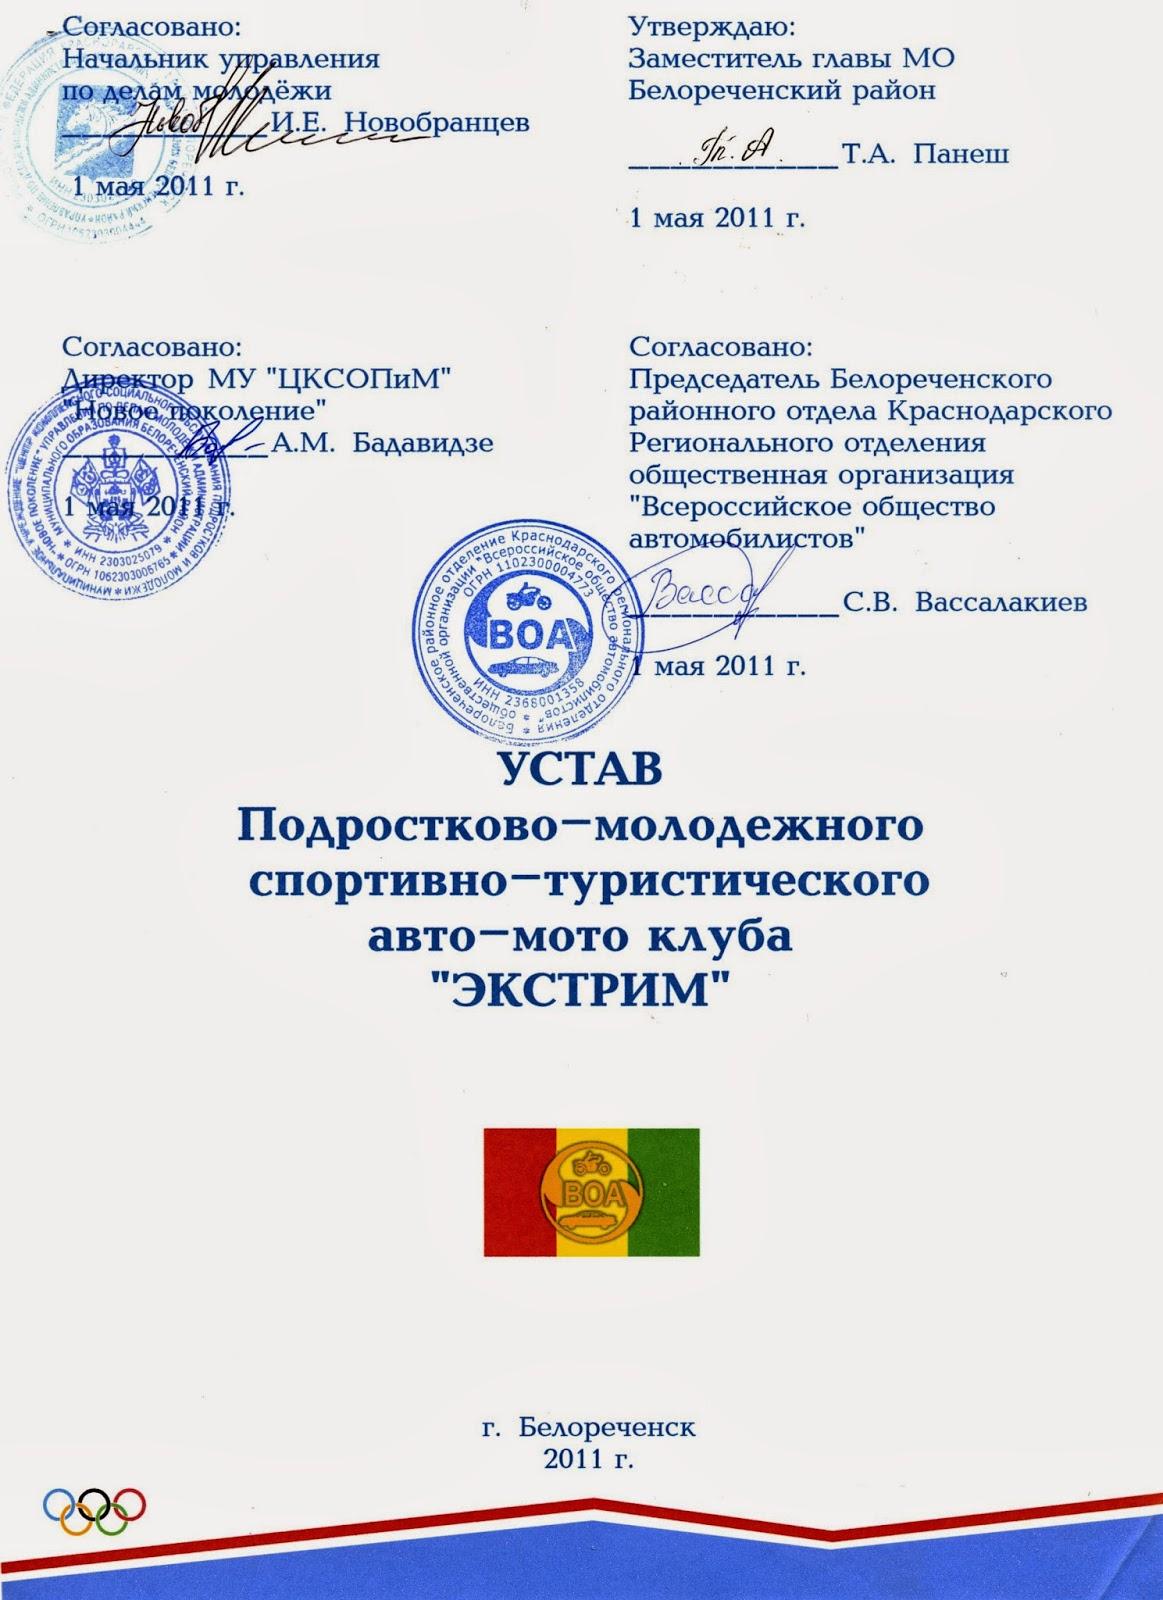 http://www.avto-tuning4x4.ru/2014/01/ustav-avtomoto-kluba-jekstrim.html